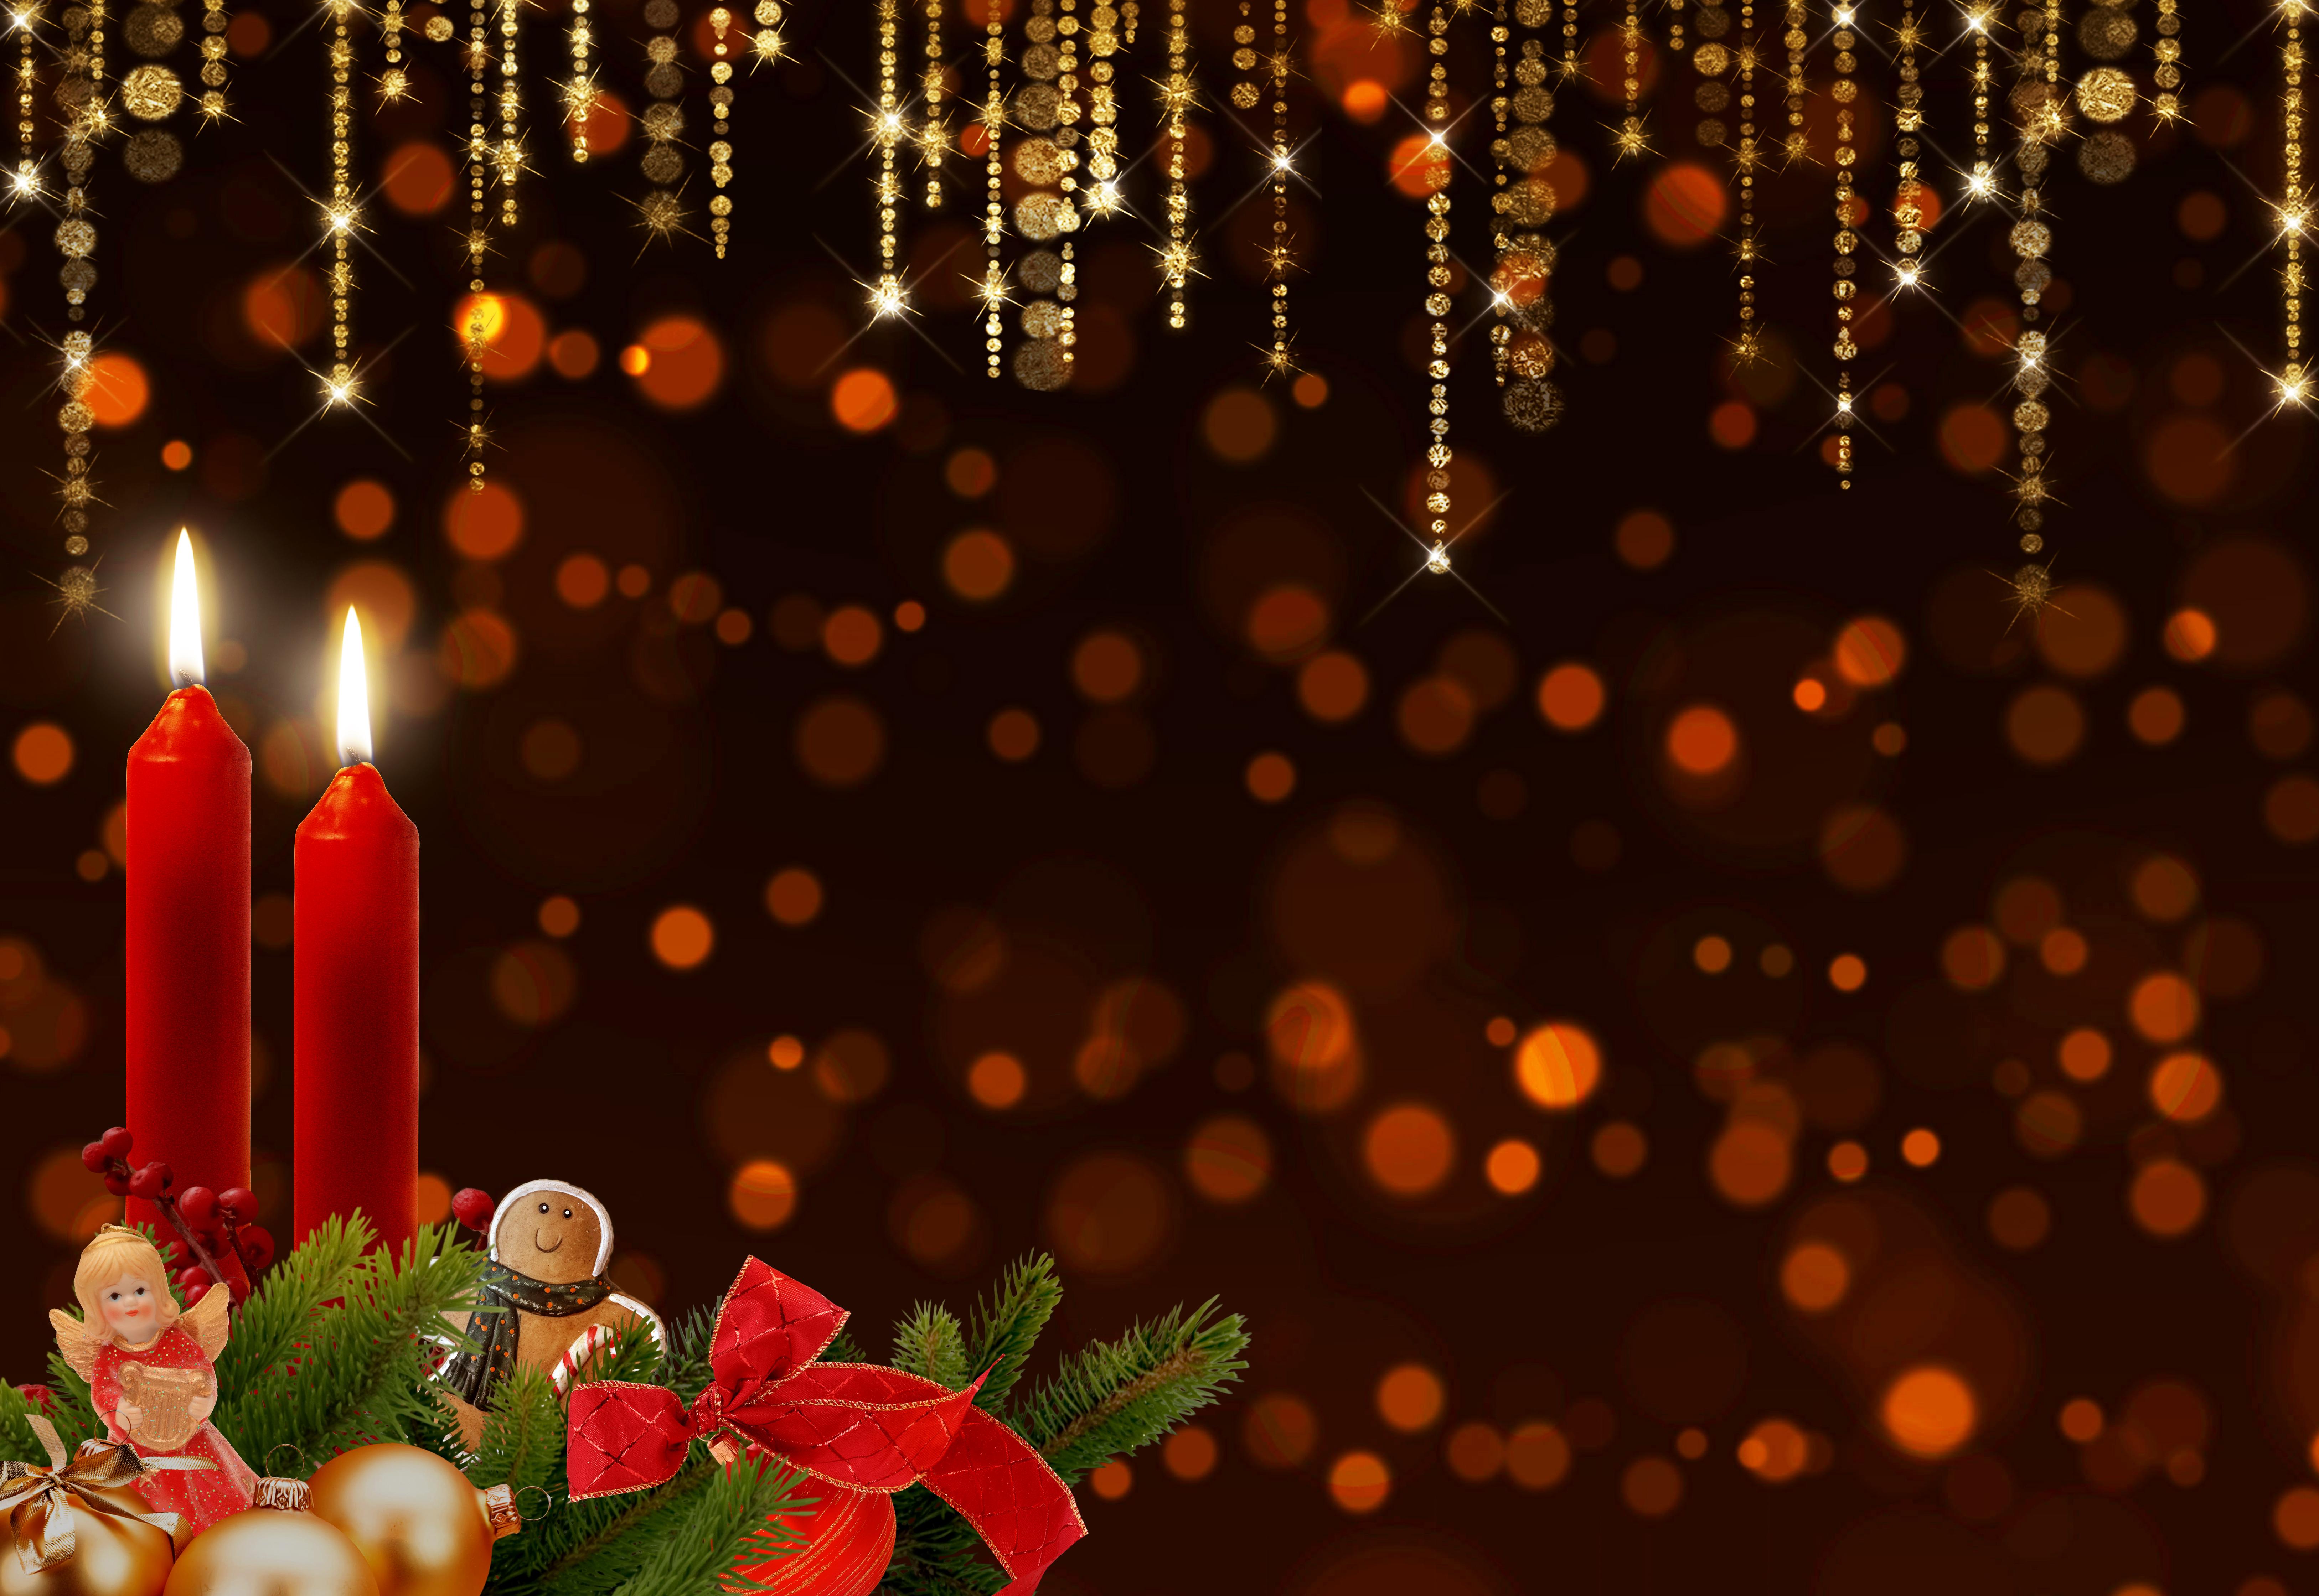 Weihnachtsbeleuchtung Kranz.Kostenlose Foto Advent Kerzen Kranz Bokeh Funkeln Glühen